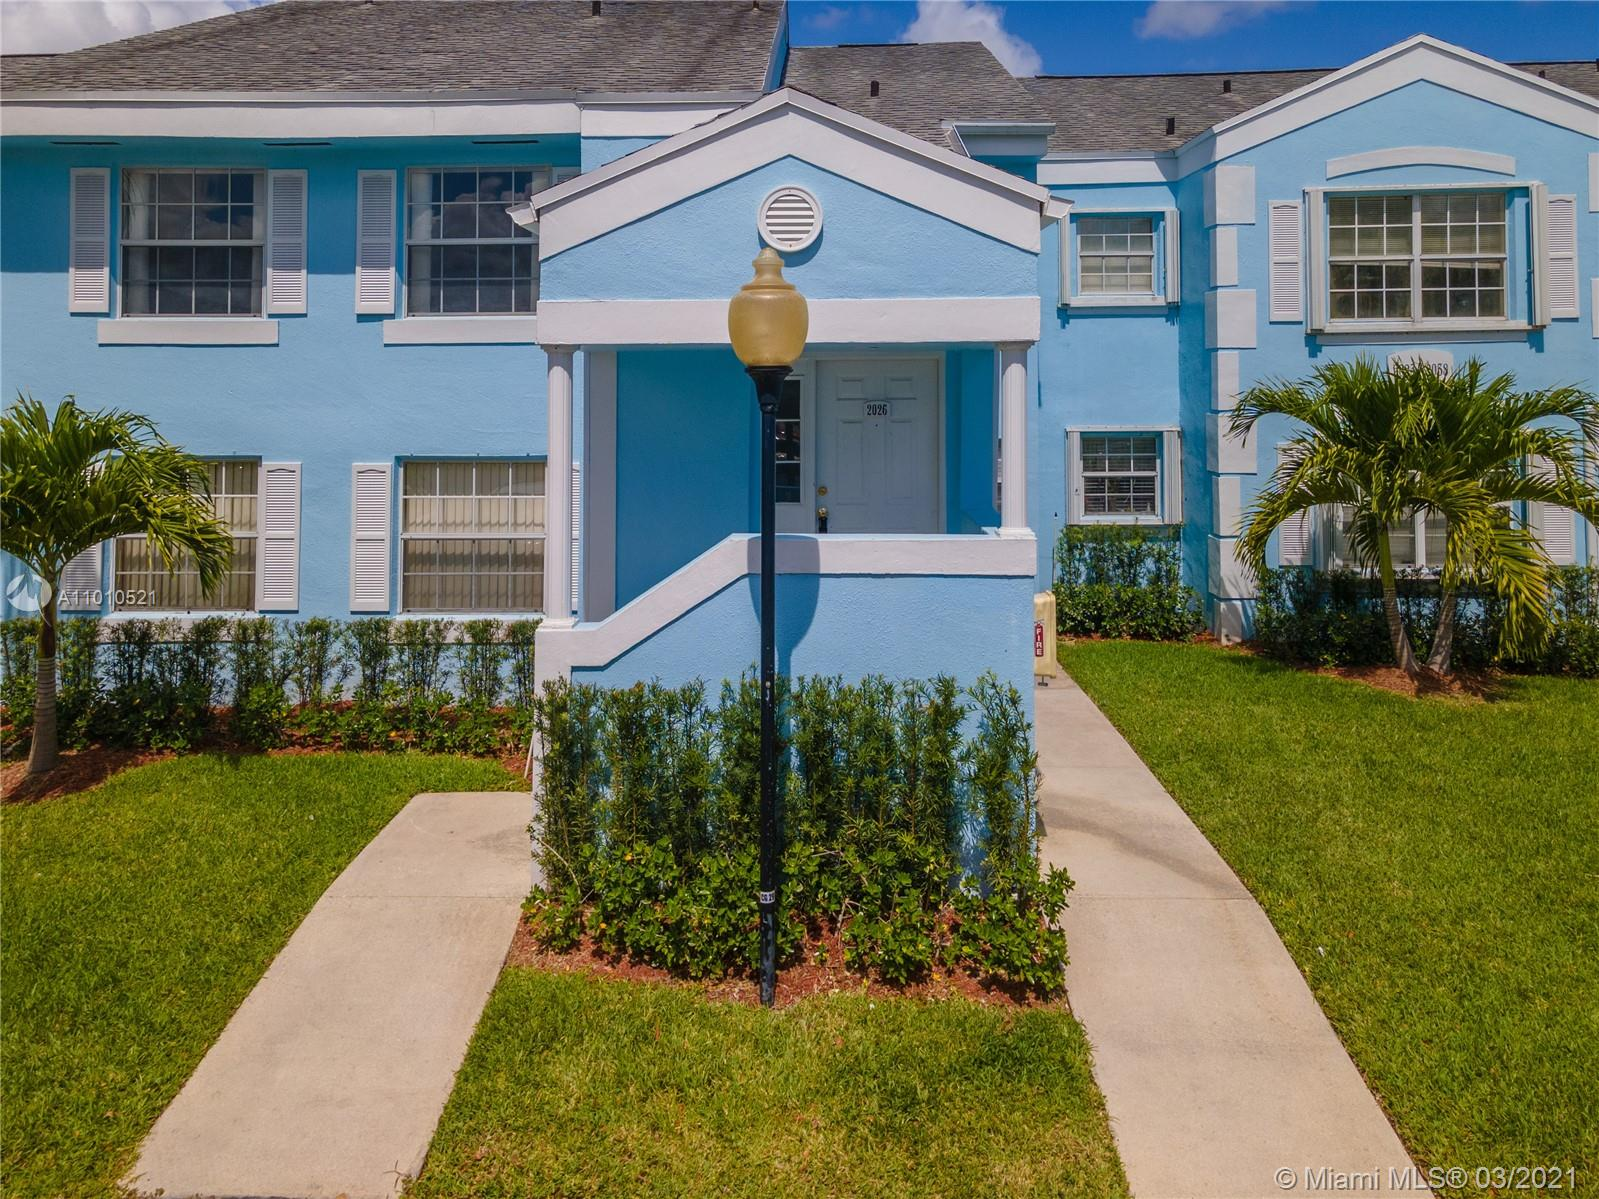 2026 Se 26th Ln #202 Property Photo